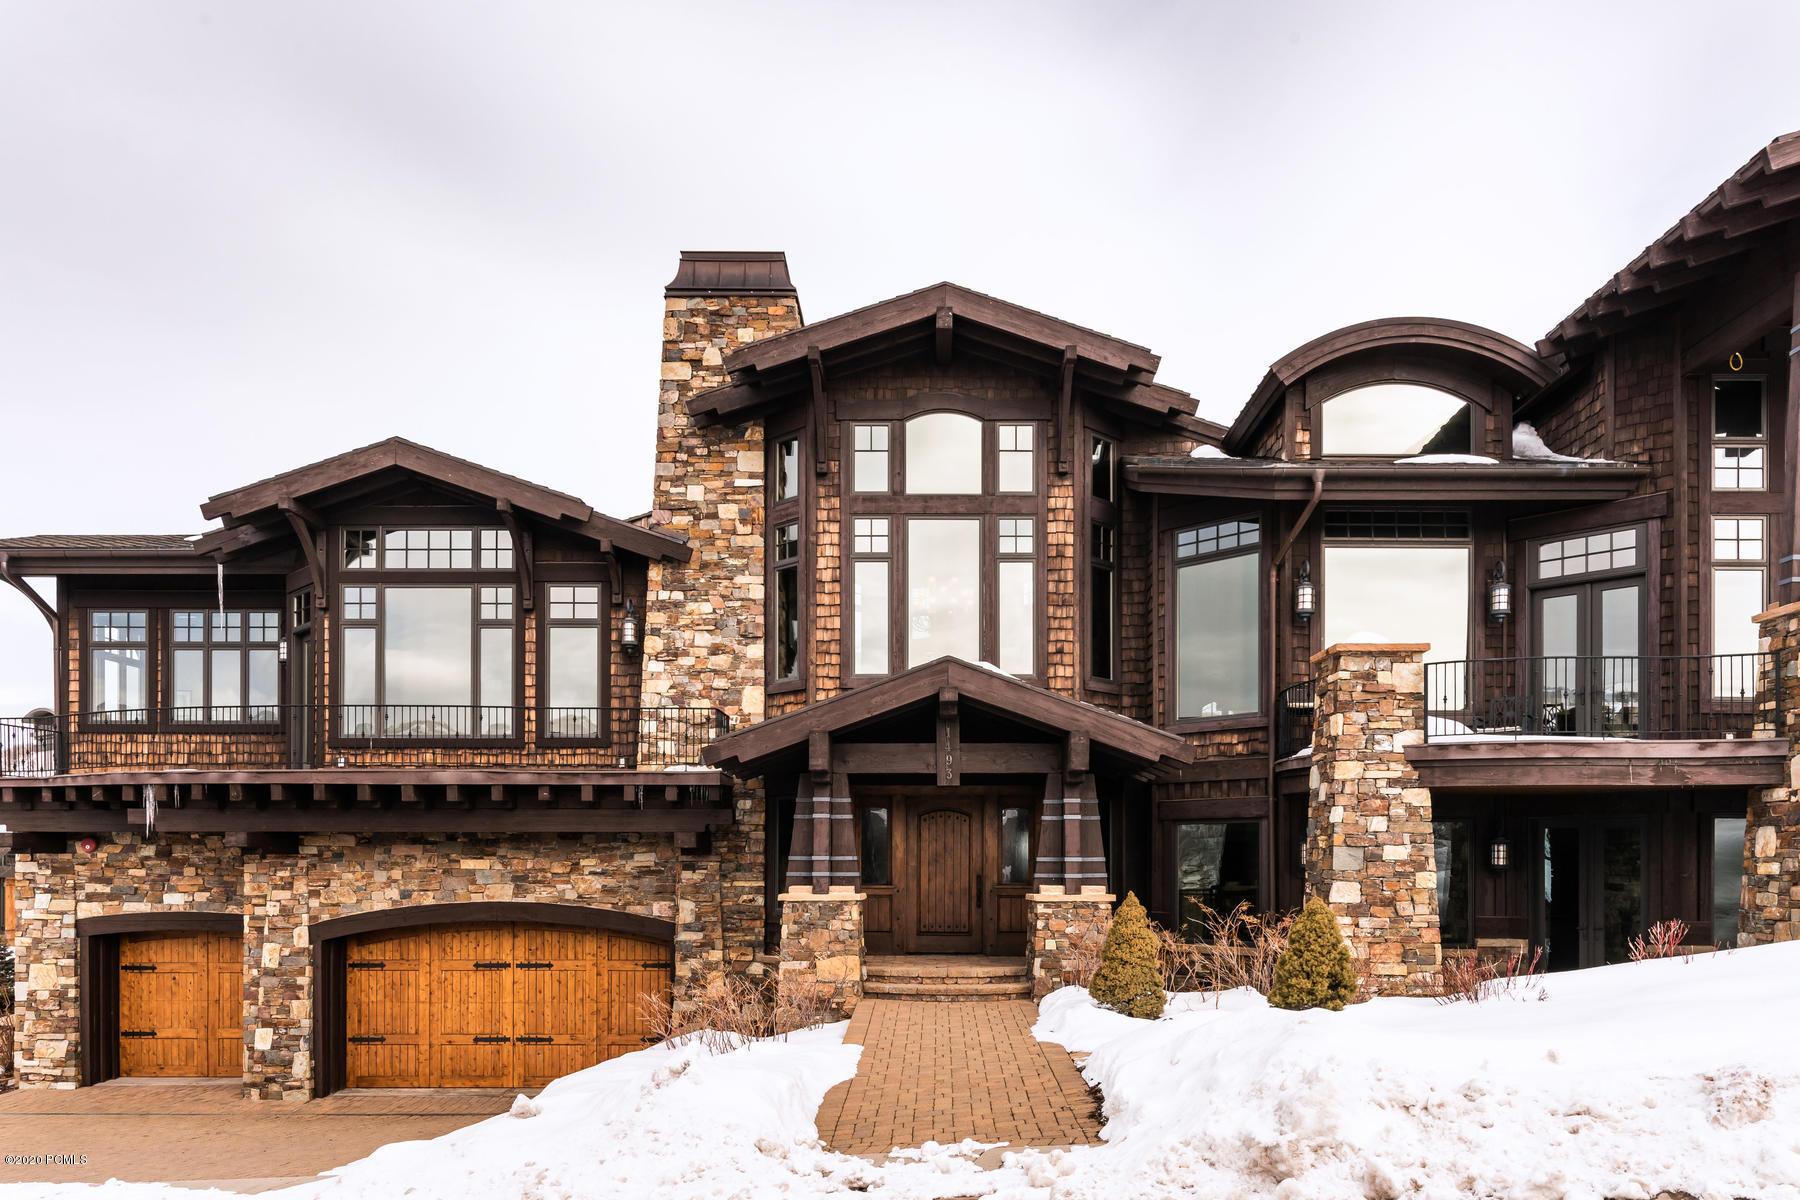 1493 Seasons Drive, Park City, Utah 84060, 4 Bedrooms Bedrooms, ,6 BathroomsBathrooms,Single Family,For Sale,Seasons,20190109112430415765000000